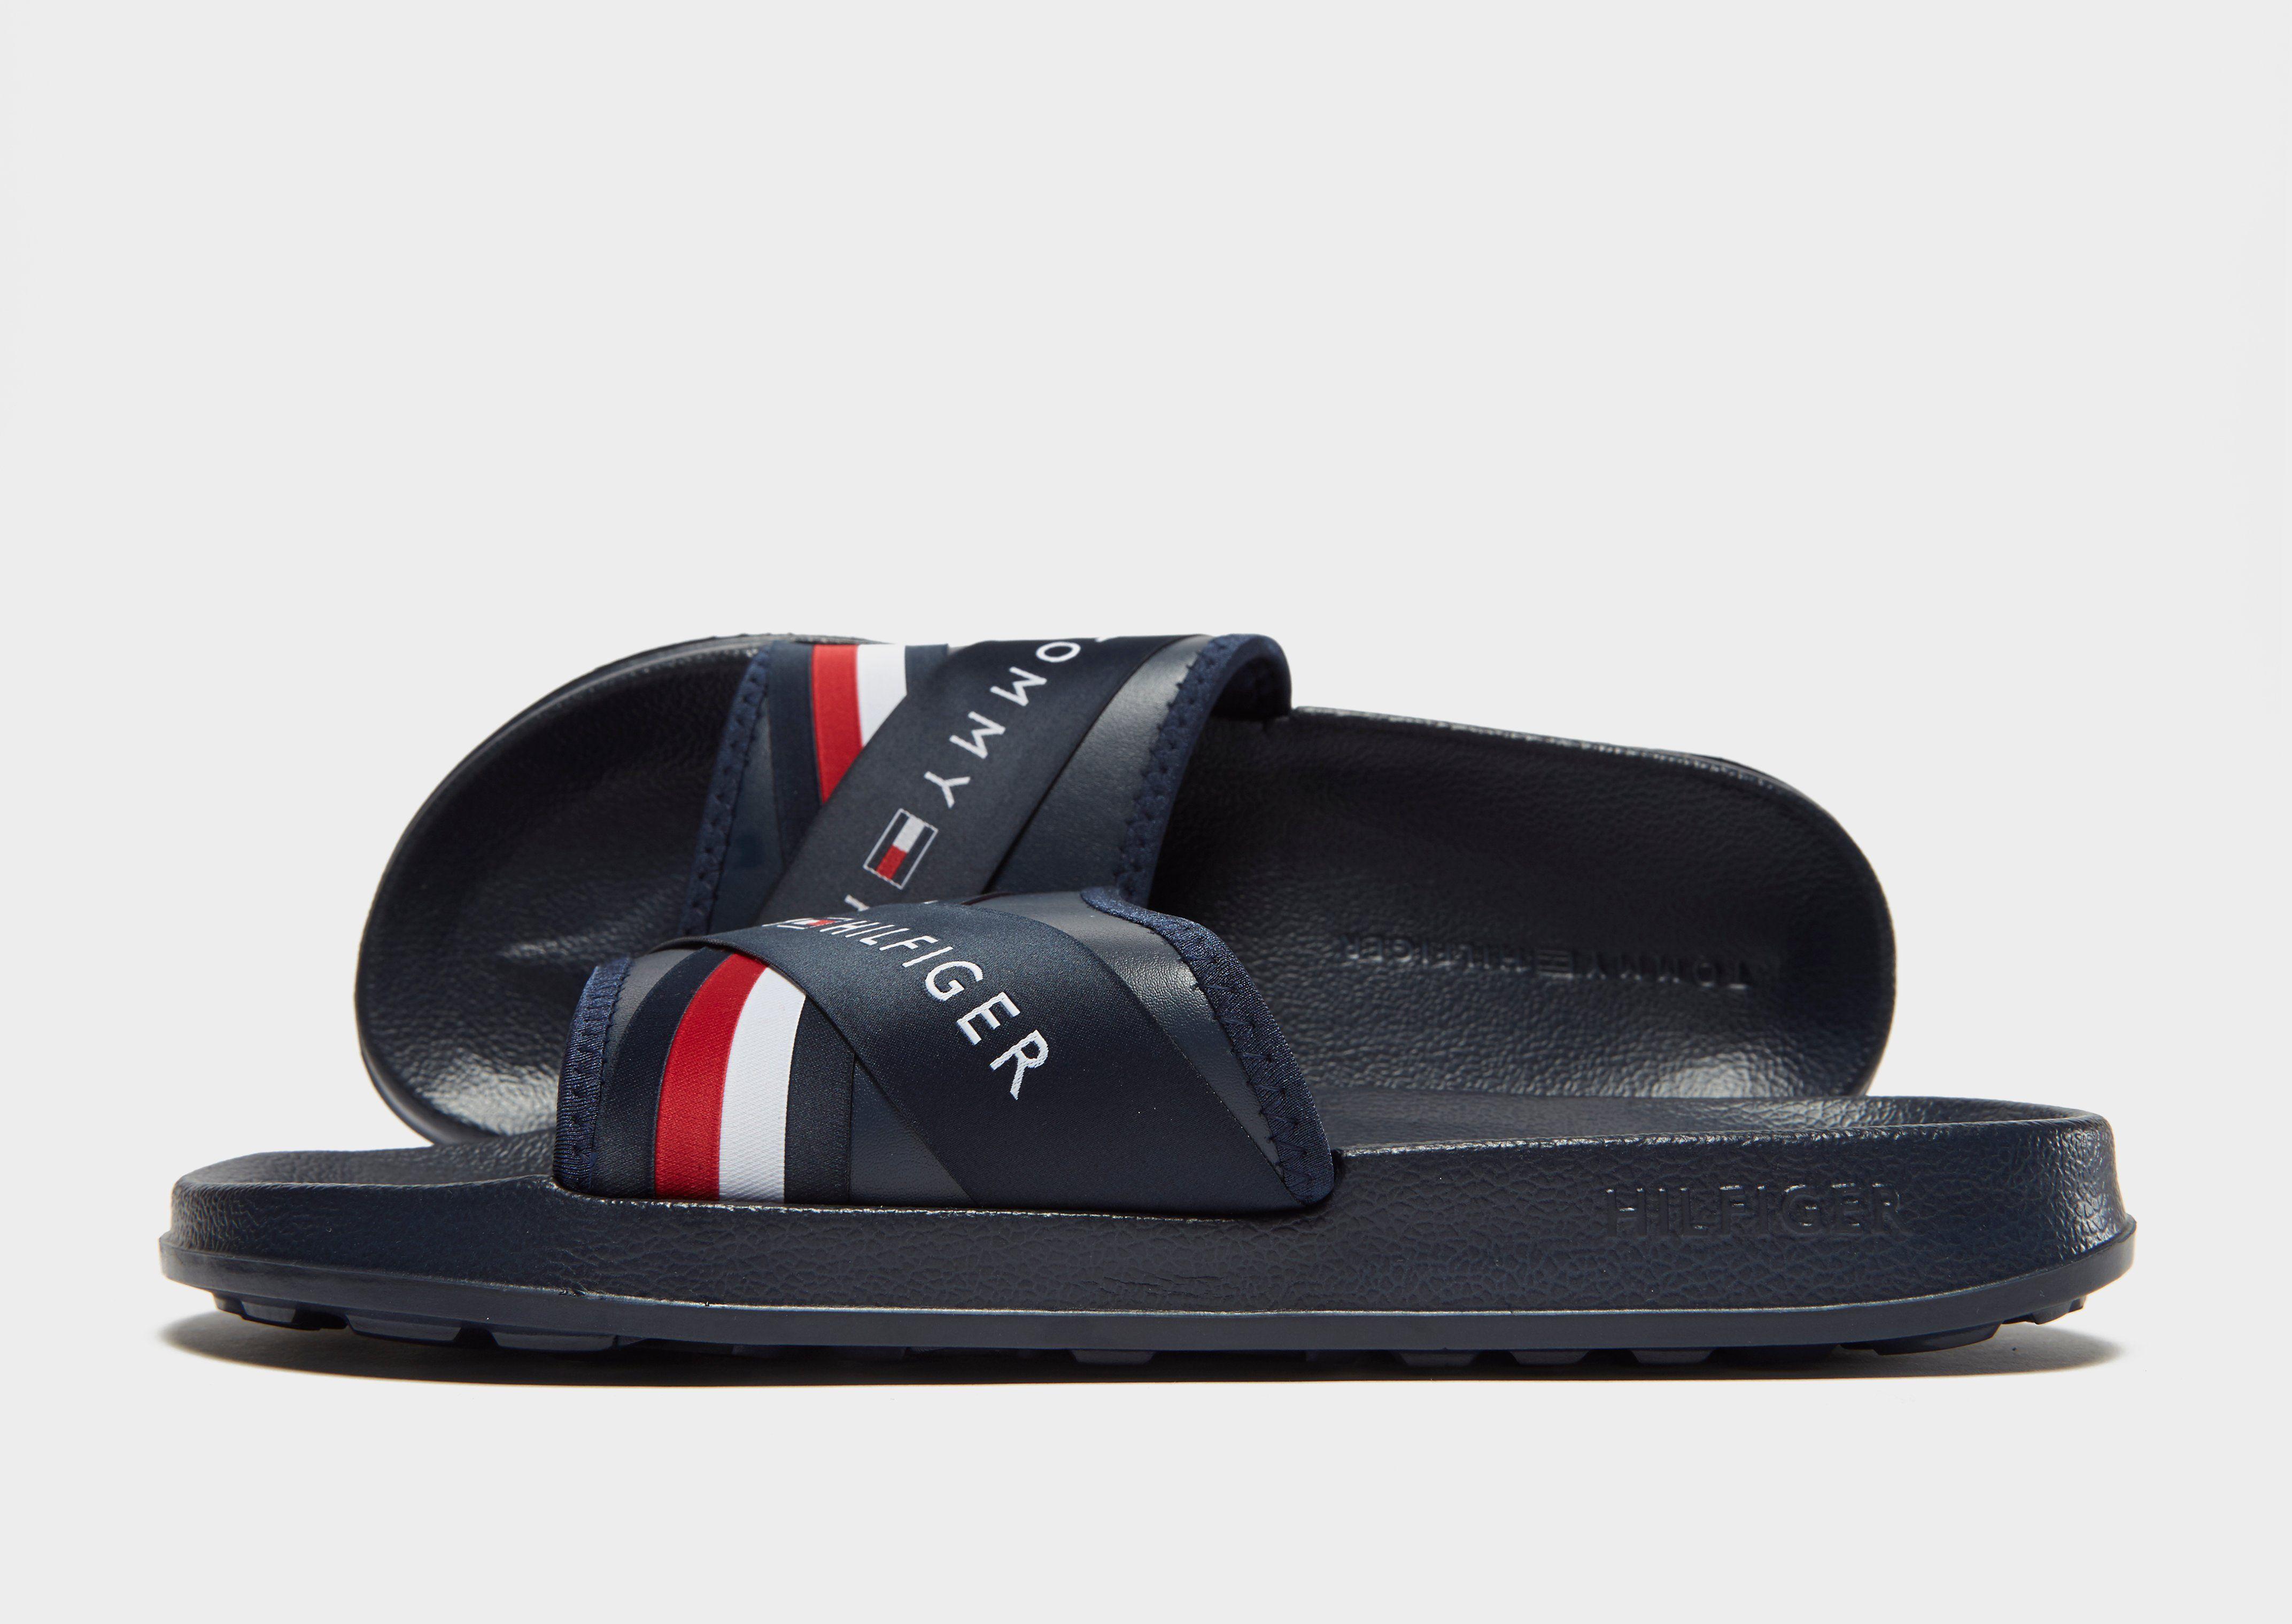 aa5144d13819 Tommy Hilfiger Ennis Slide Sandal at HauteLook - Mens Shoes - Mens Flip- Flops